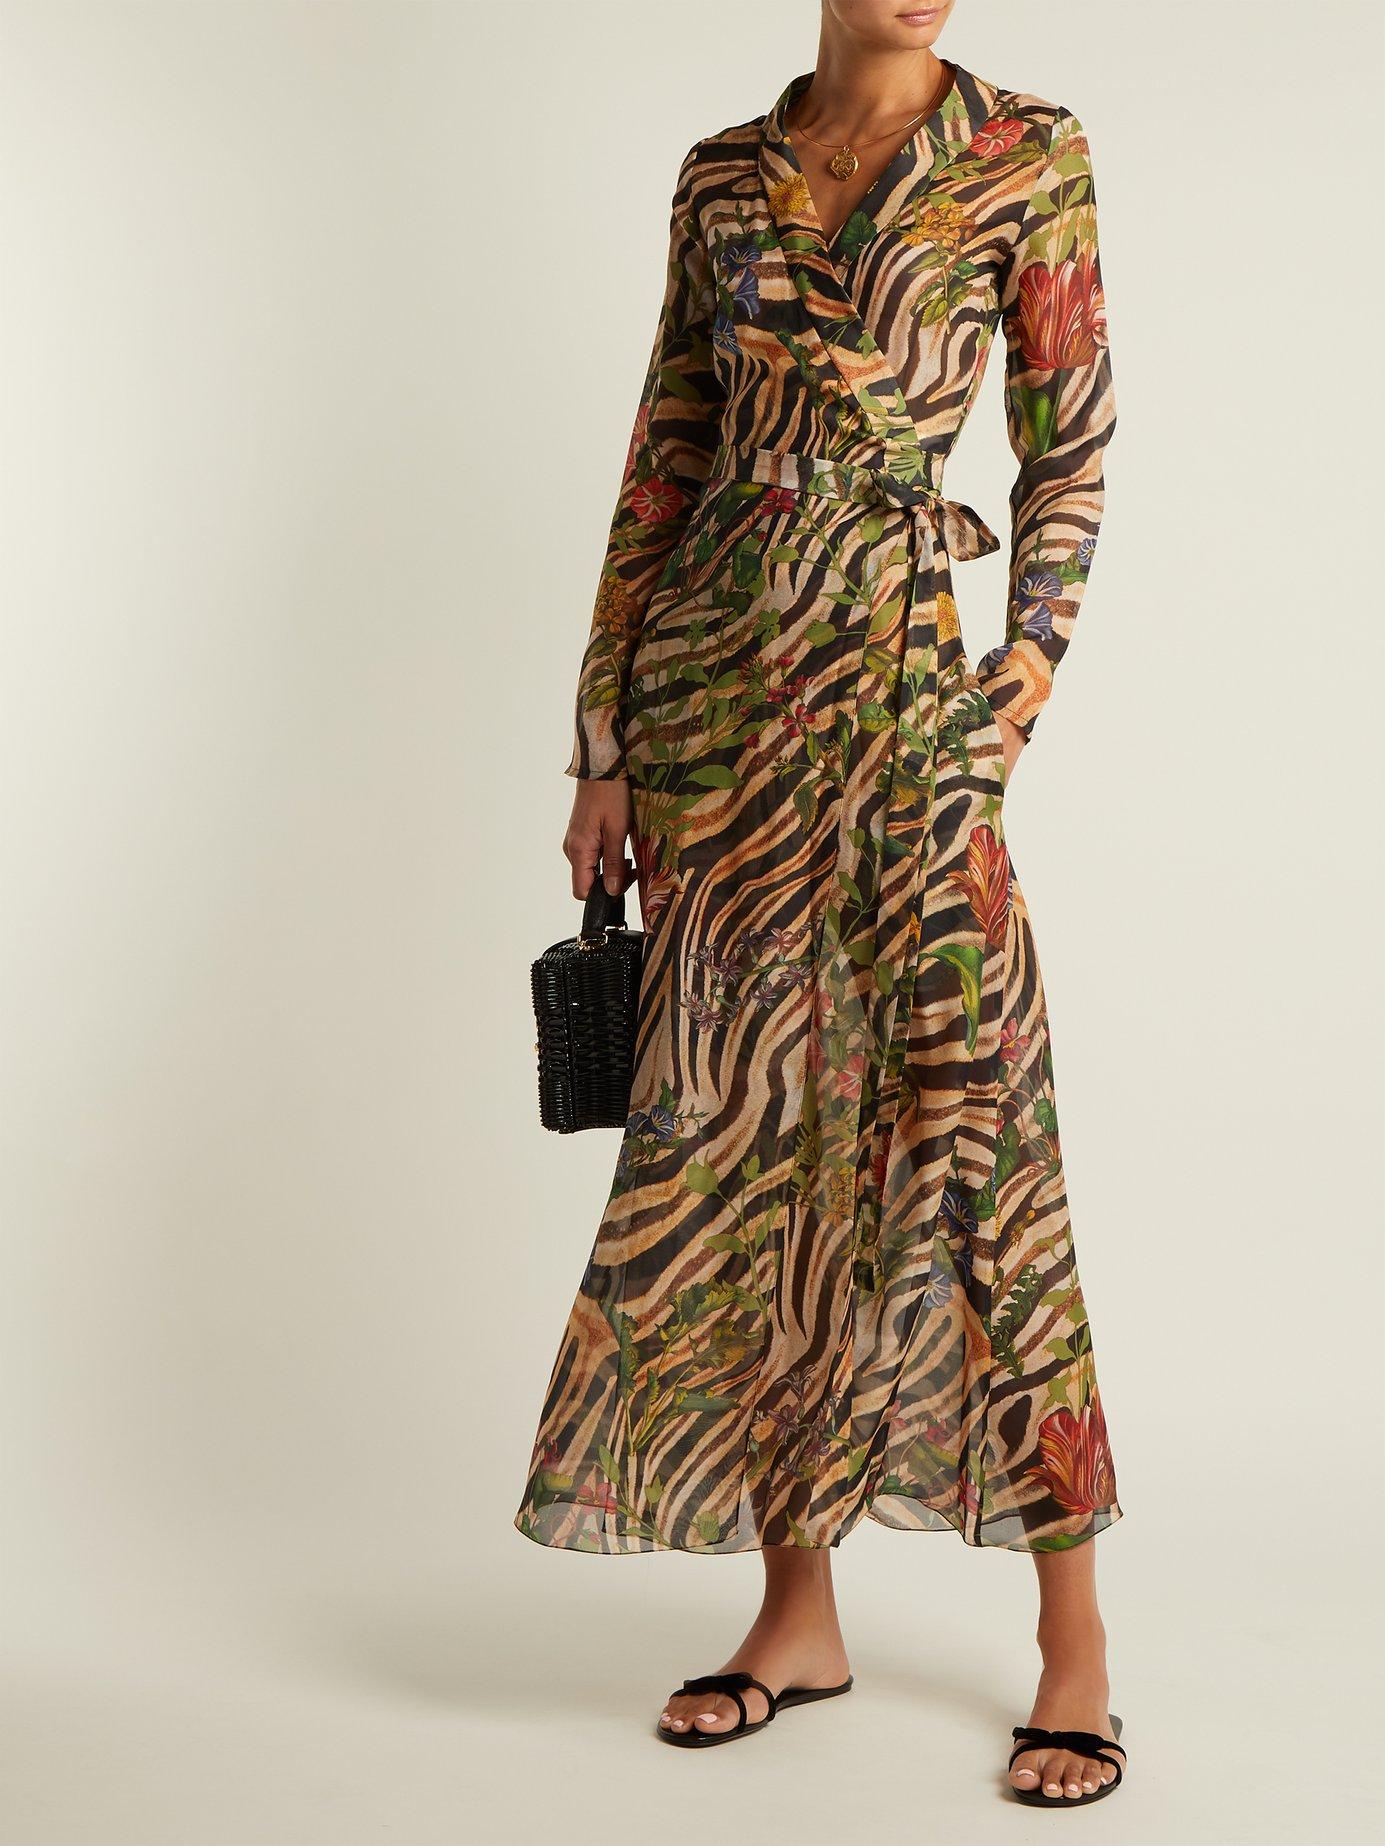 Beverly zebra-print silk chiffon dress by Adriana Iglesias